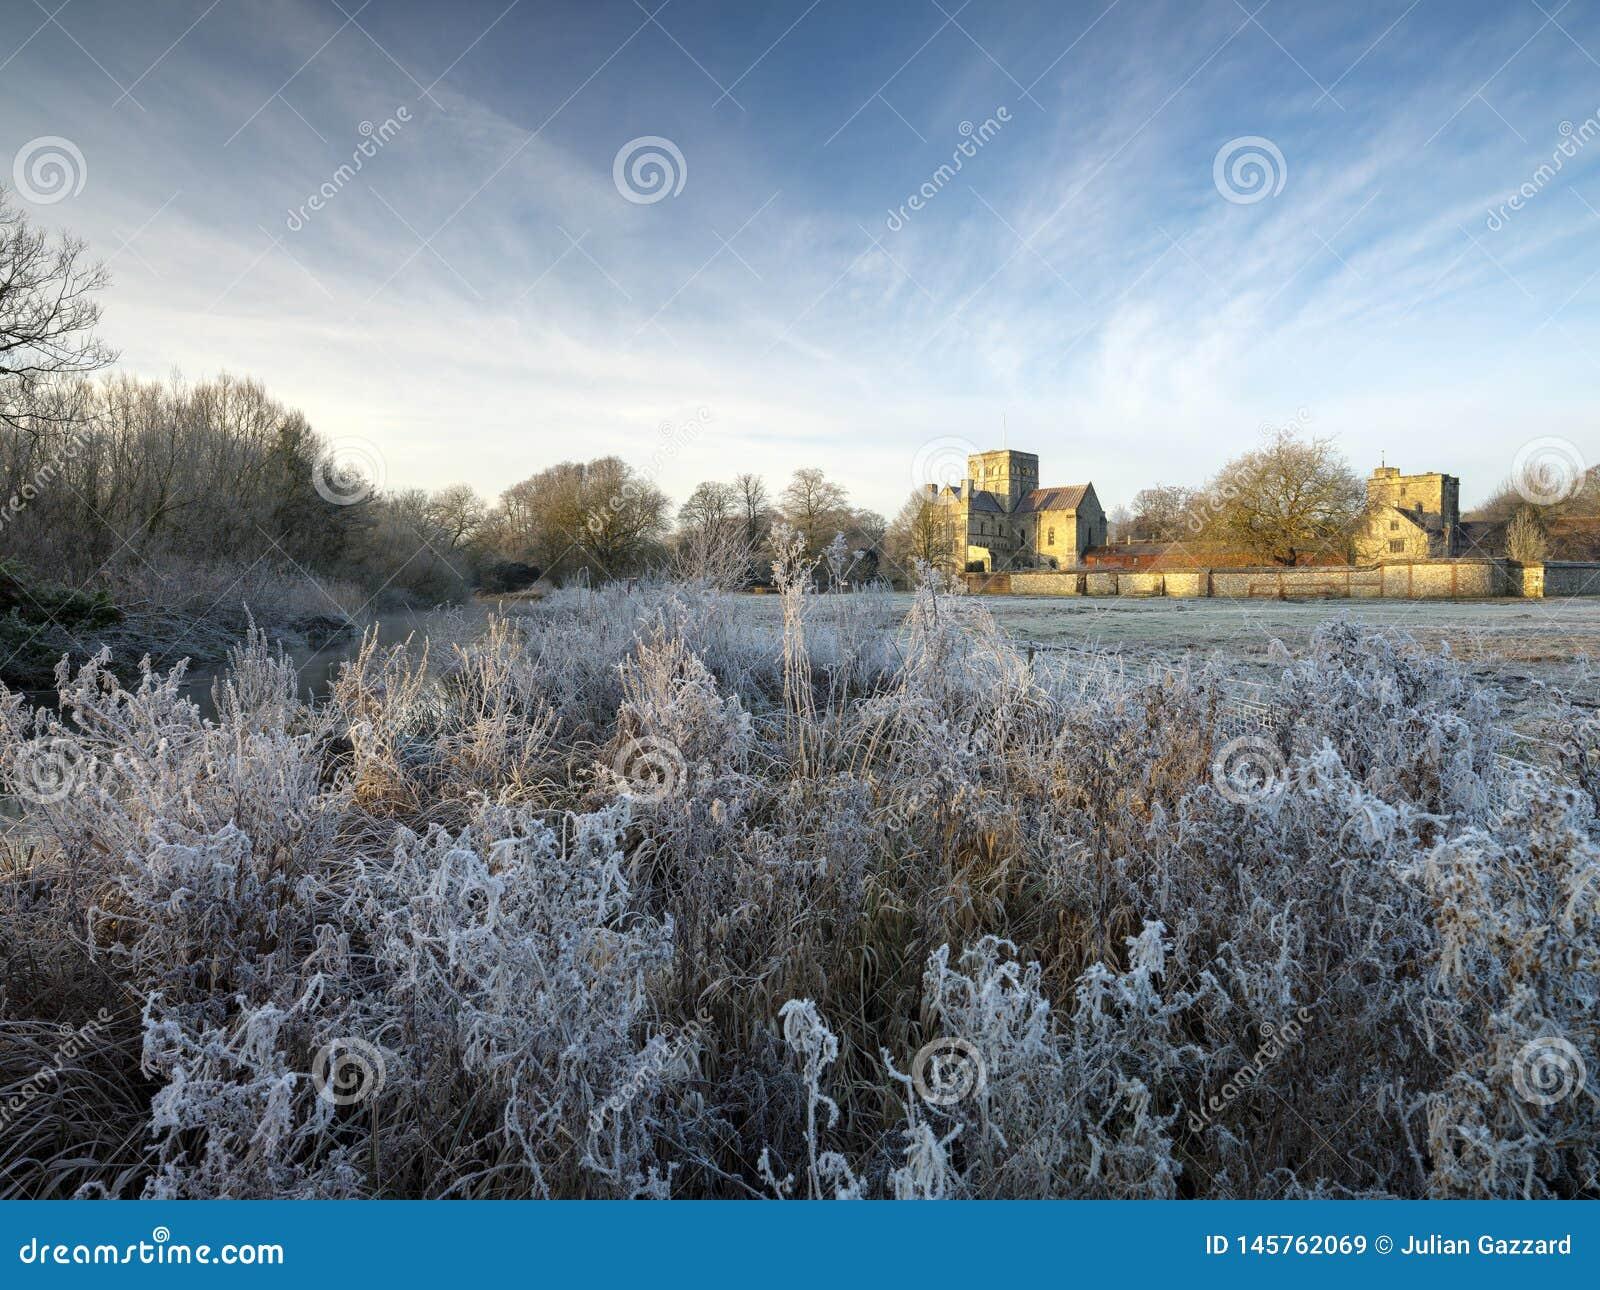 Παγωμένη χειμερινή ανατολή με μια άποψη hoarfrost του διαγώνιου νοσοκομείου του ST, Winchester, Χάμπσαϊρ, UK